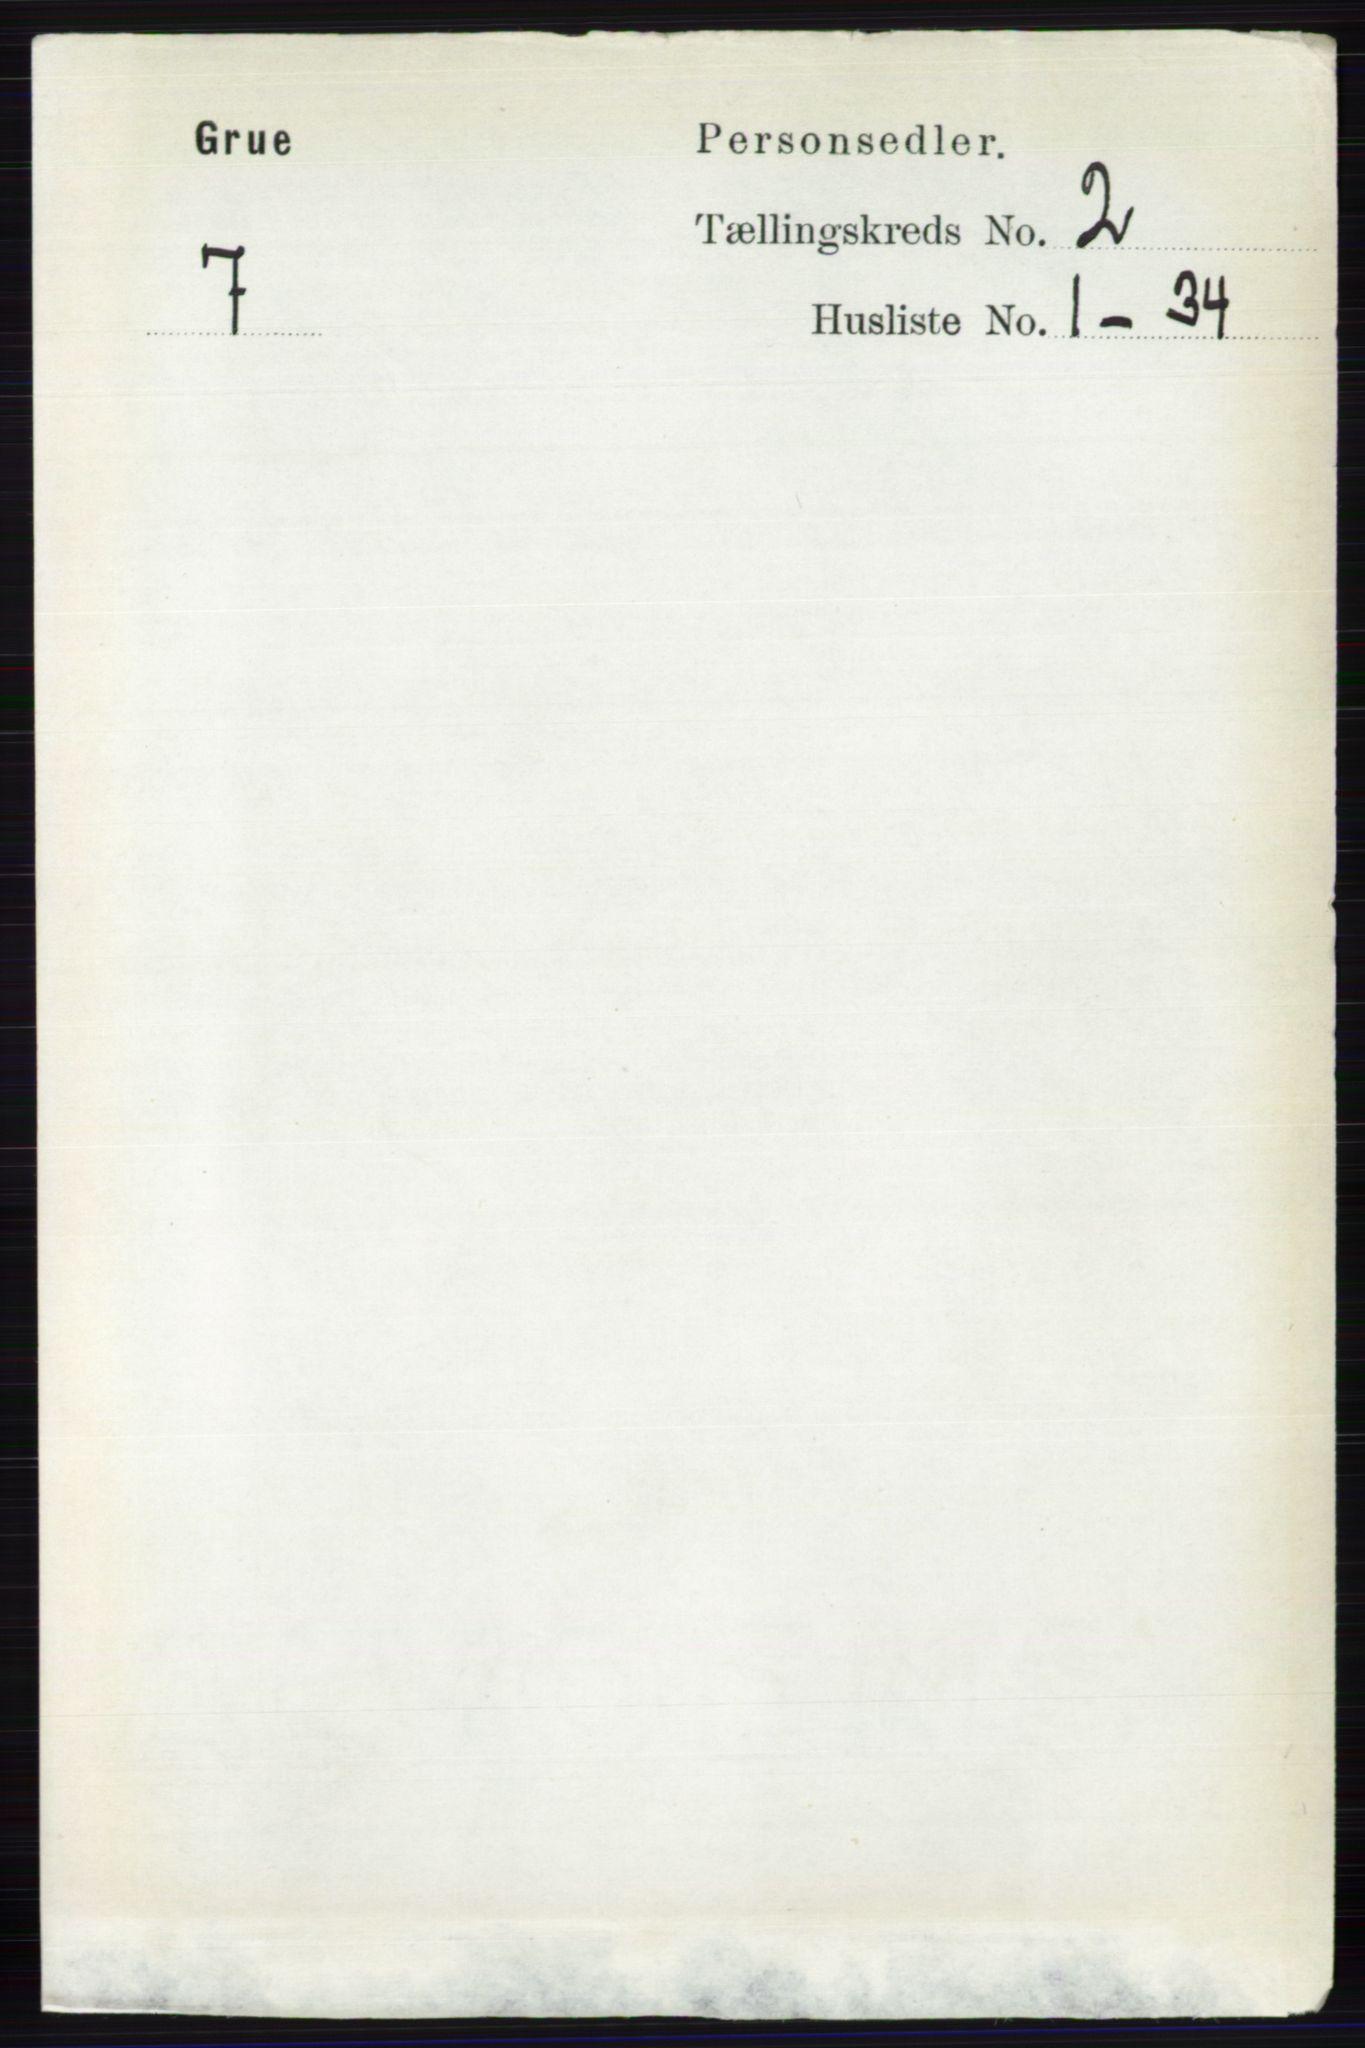 RA, Folketelling 1891 for 0423 Grue herred, 1891, s. 1071